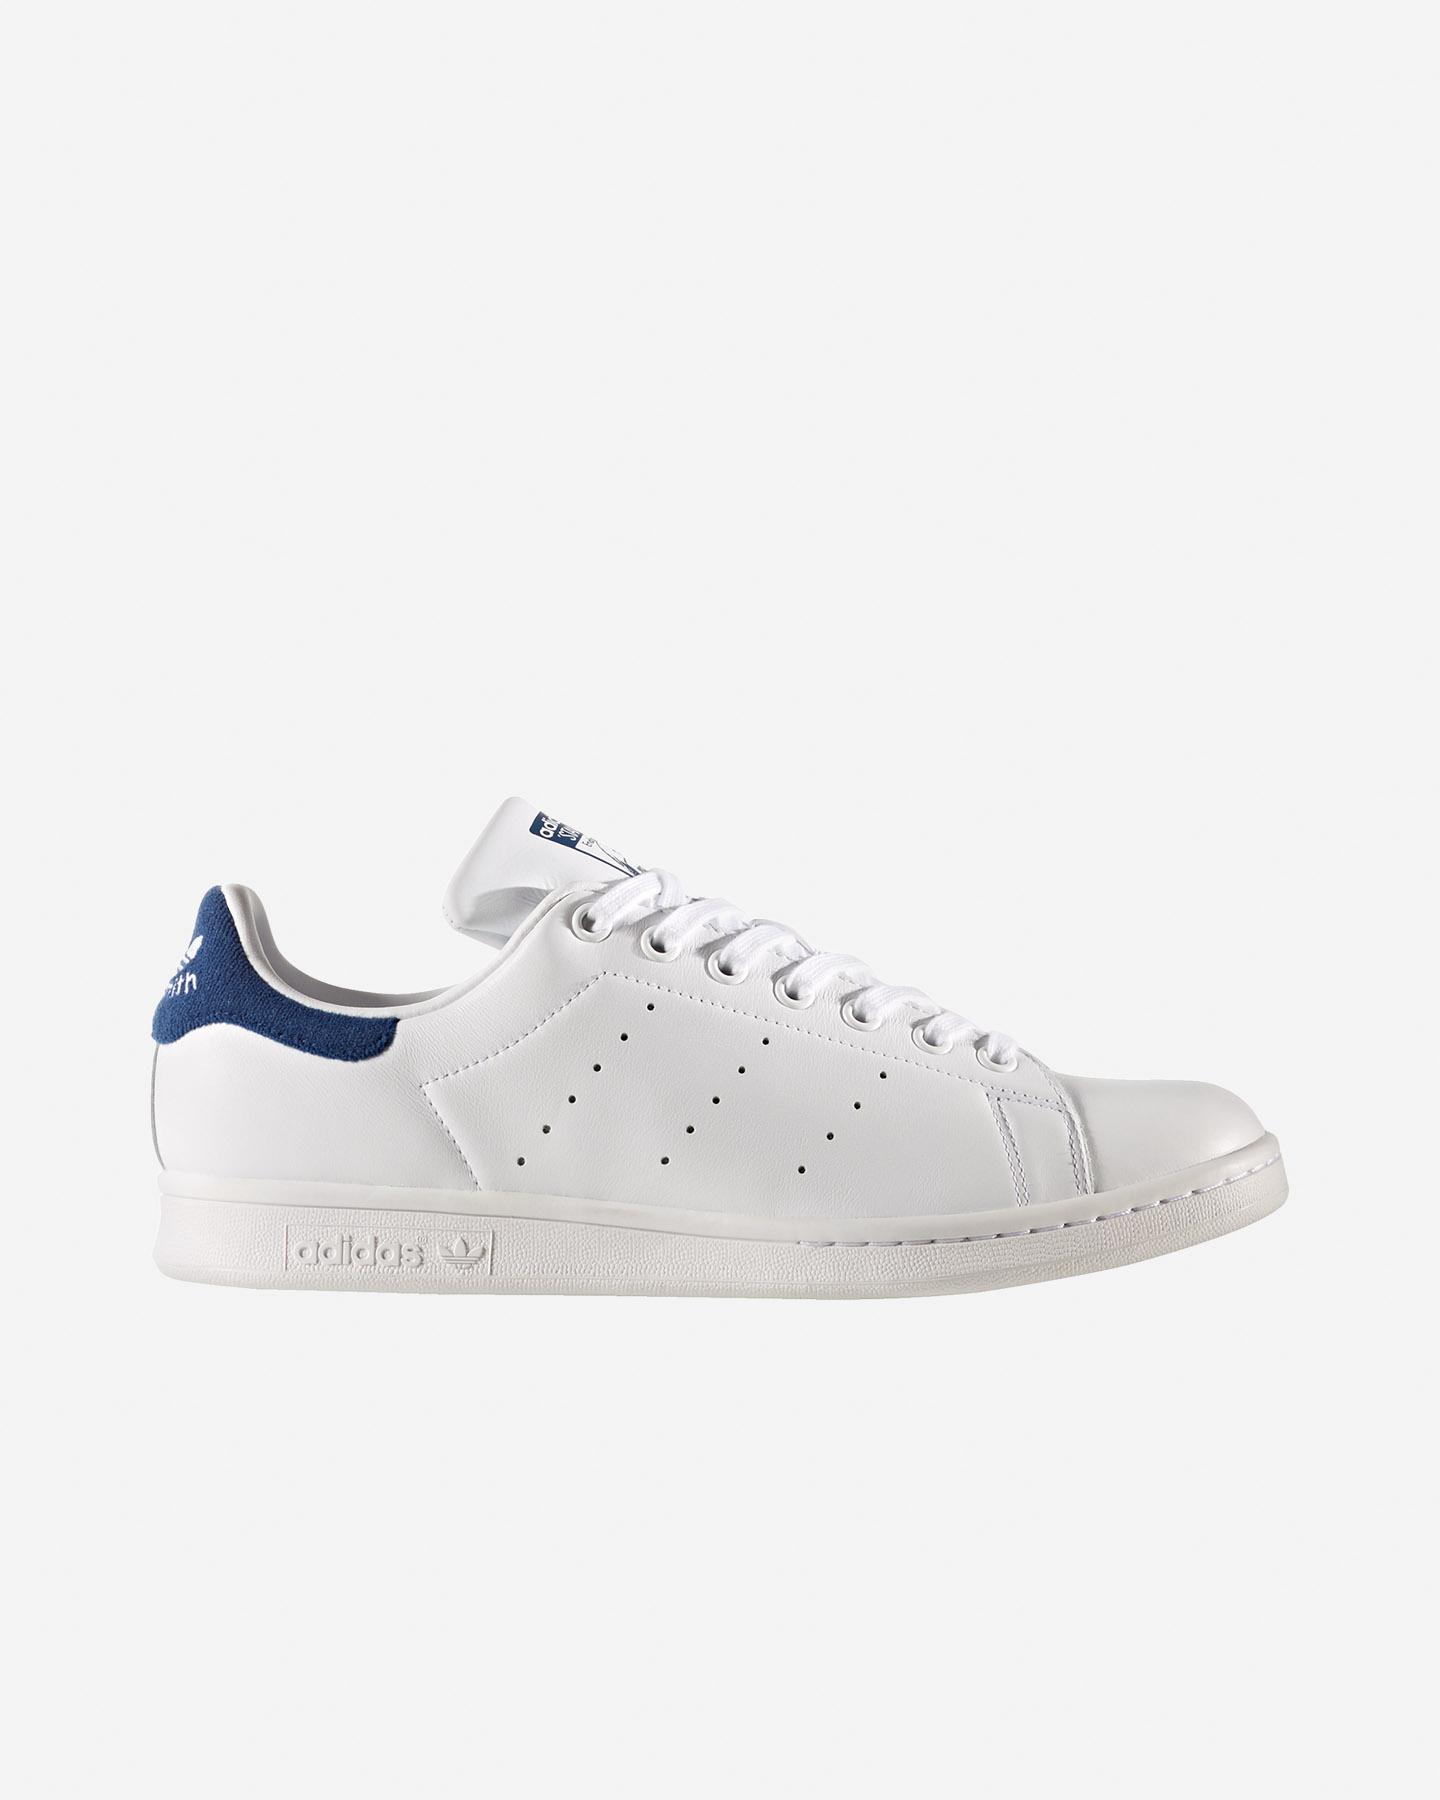 scarpe adidas stan smith immagini